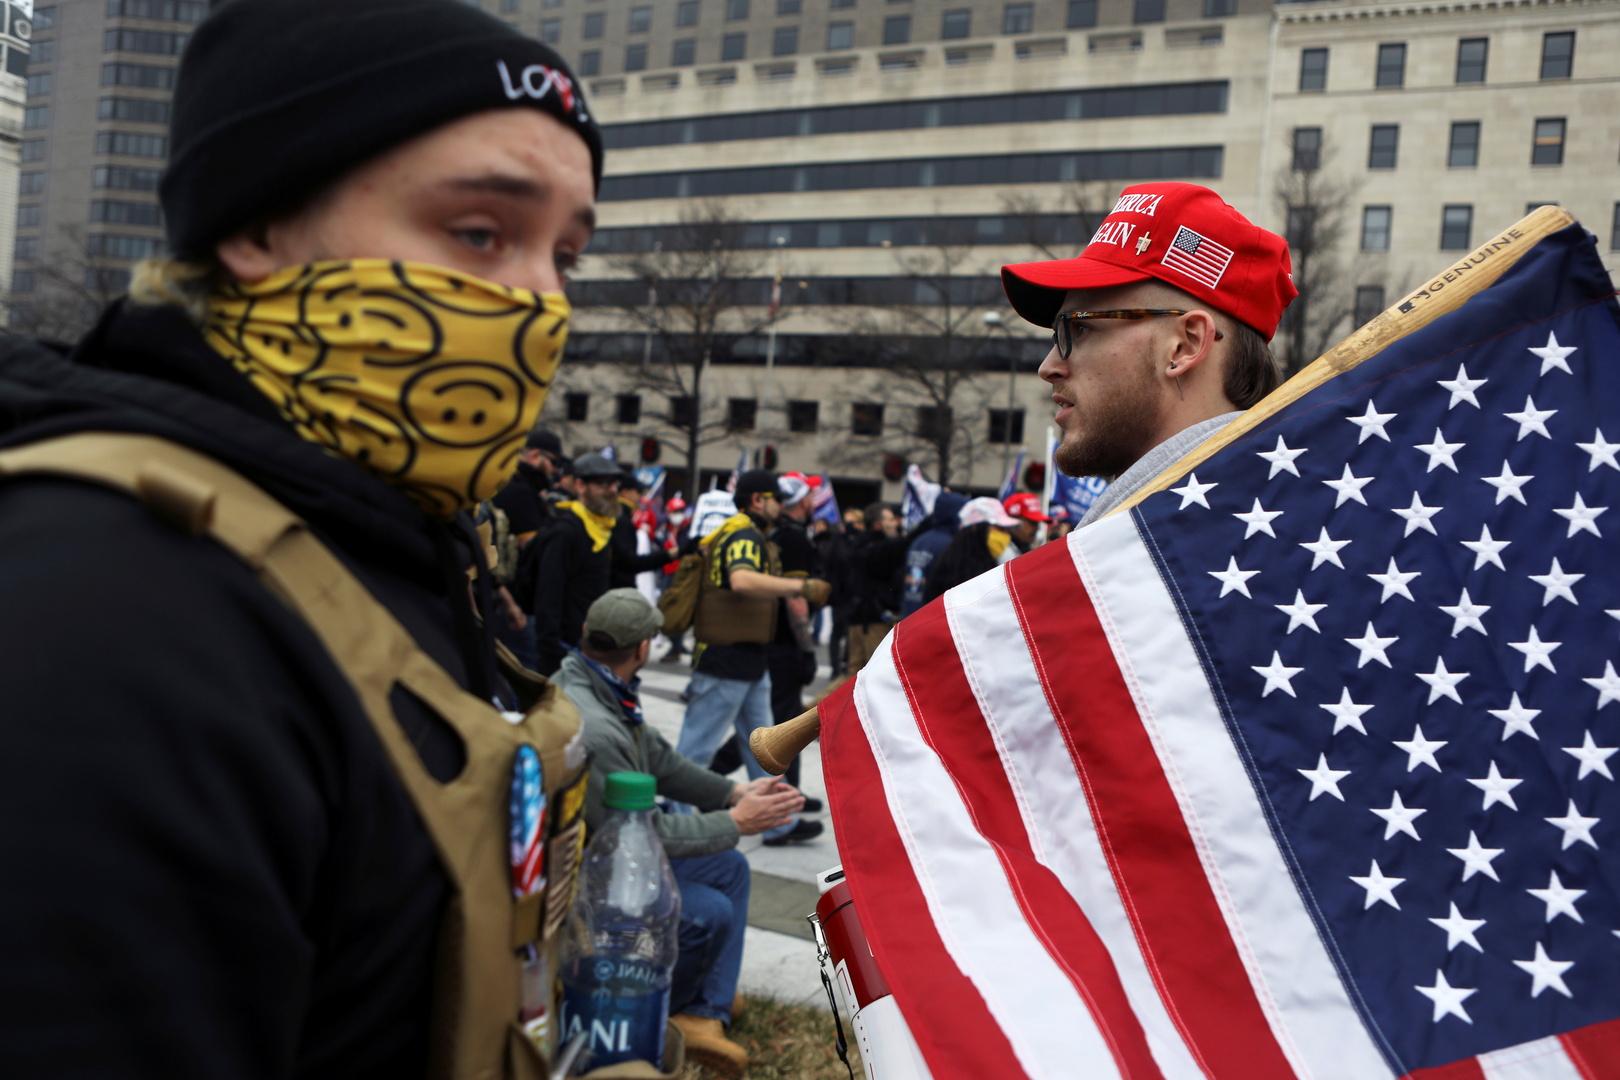 اليمين المتطرف الأمريكي يستعد للانتخابات الرئاسية المقبلة